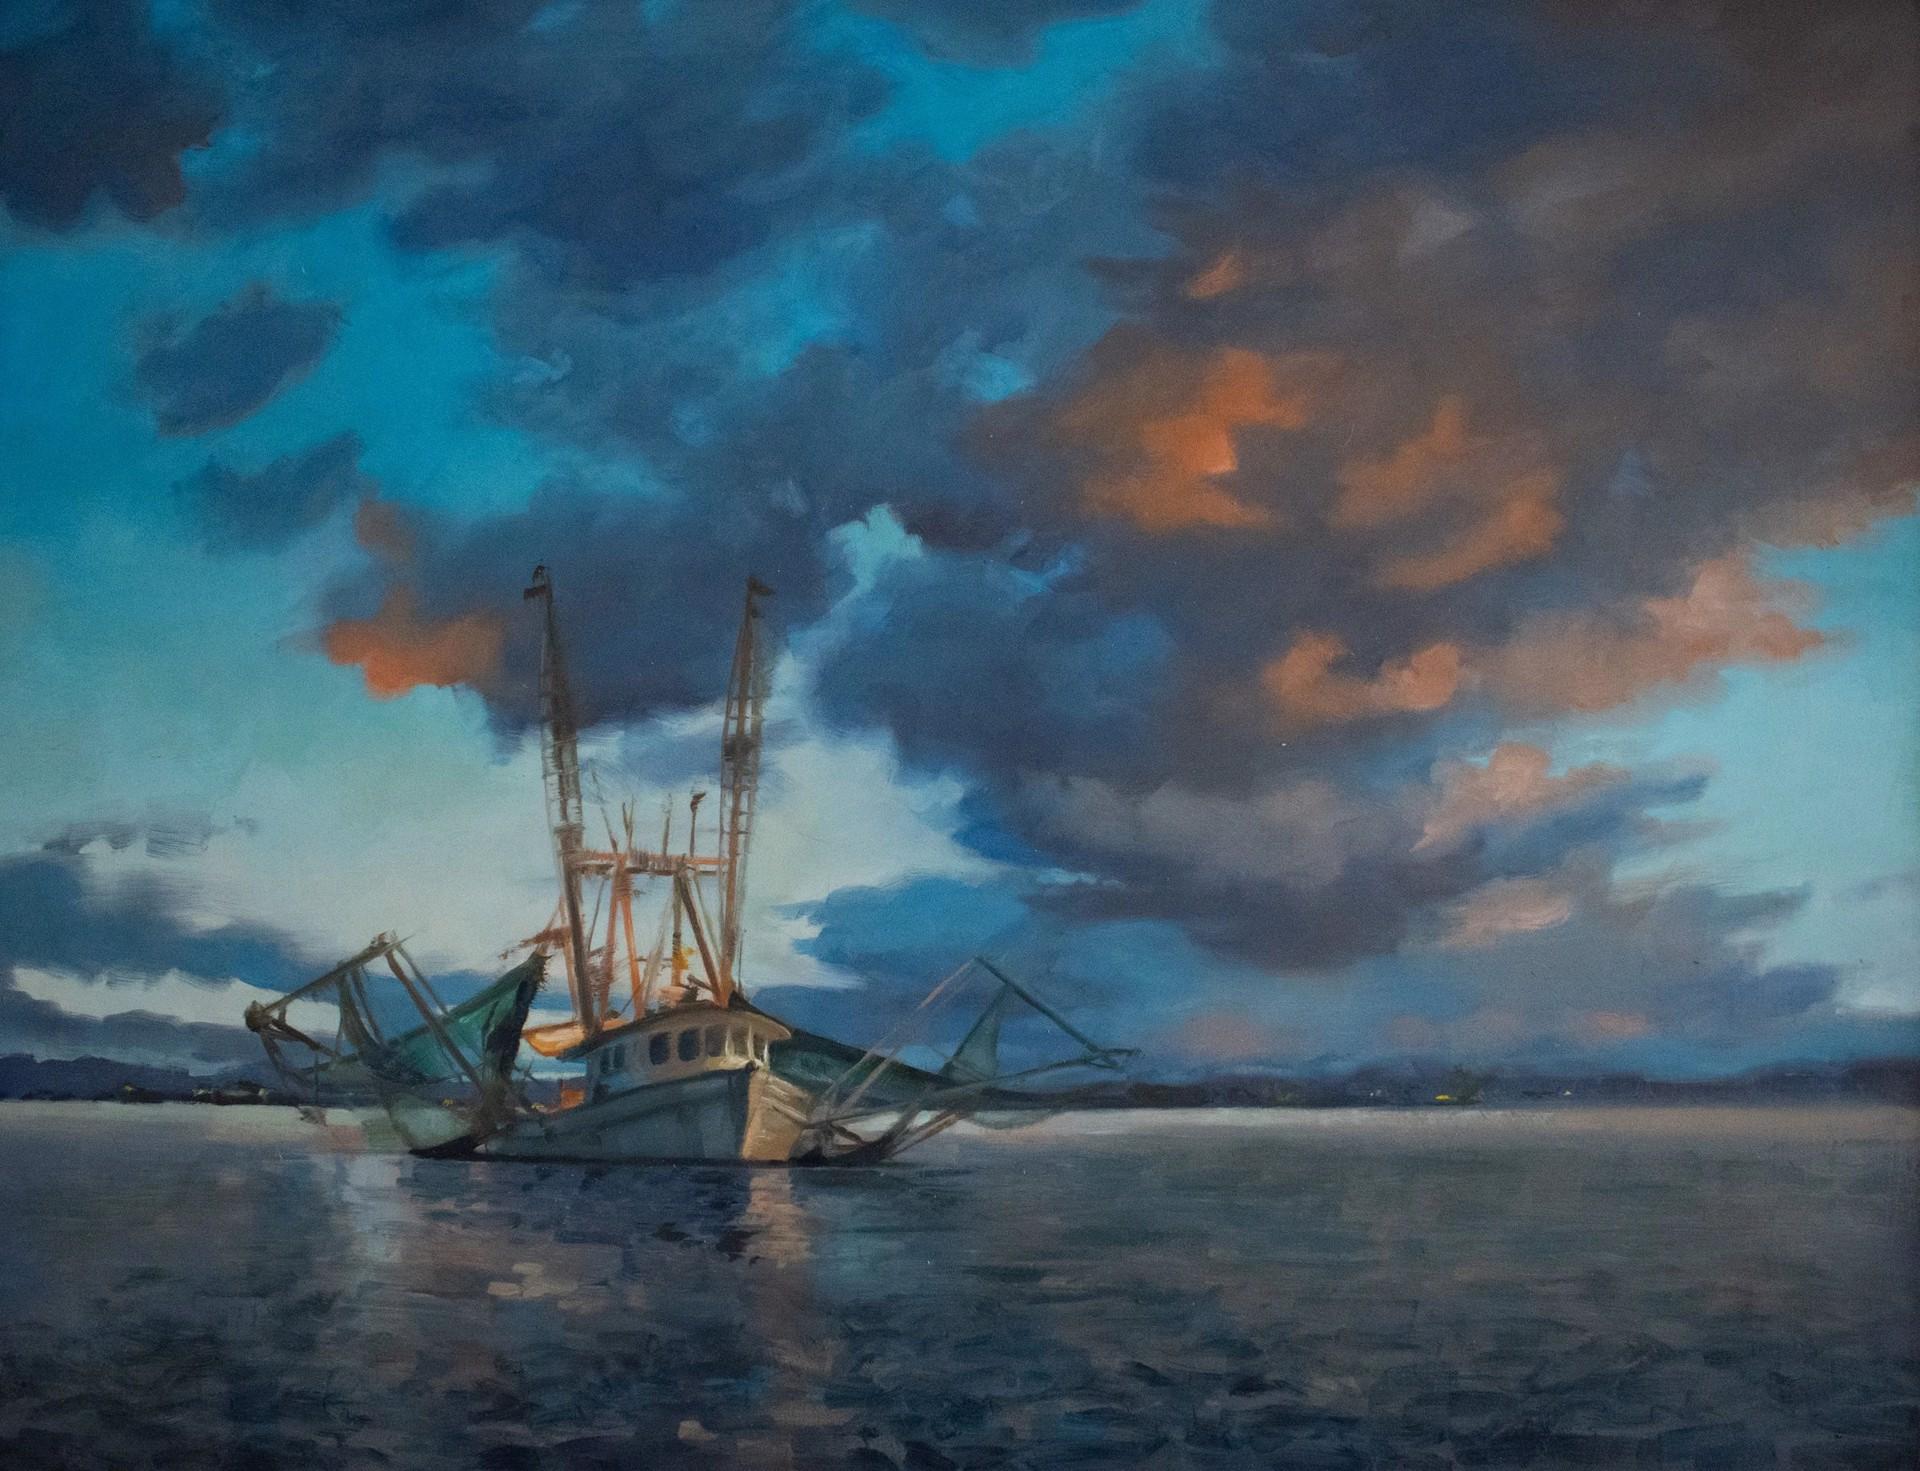 Networth by Steven Walker